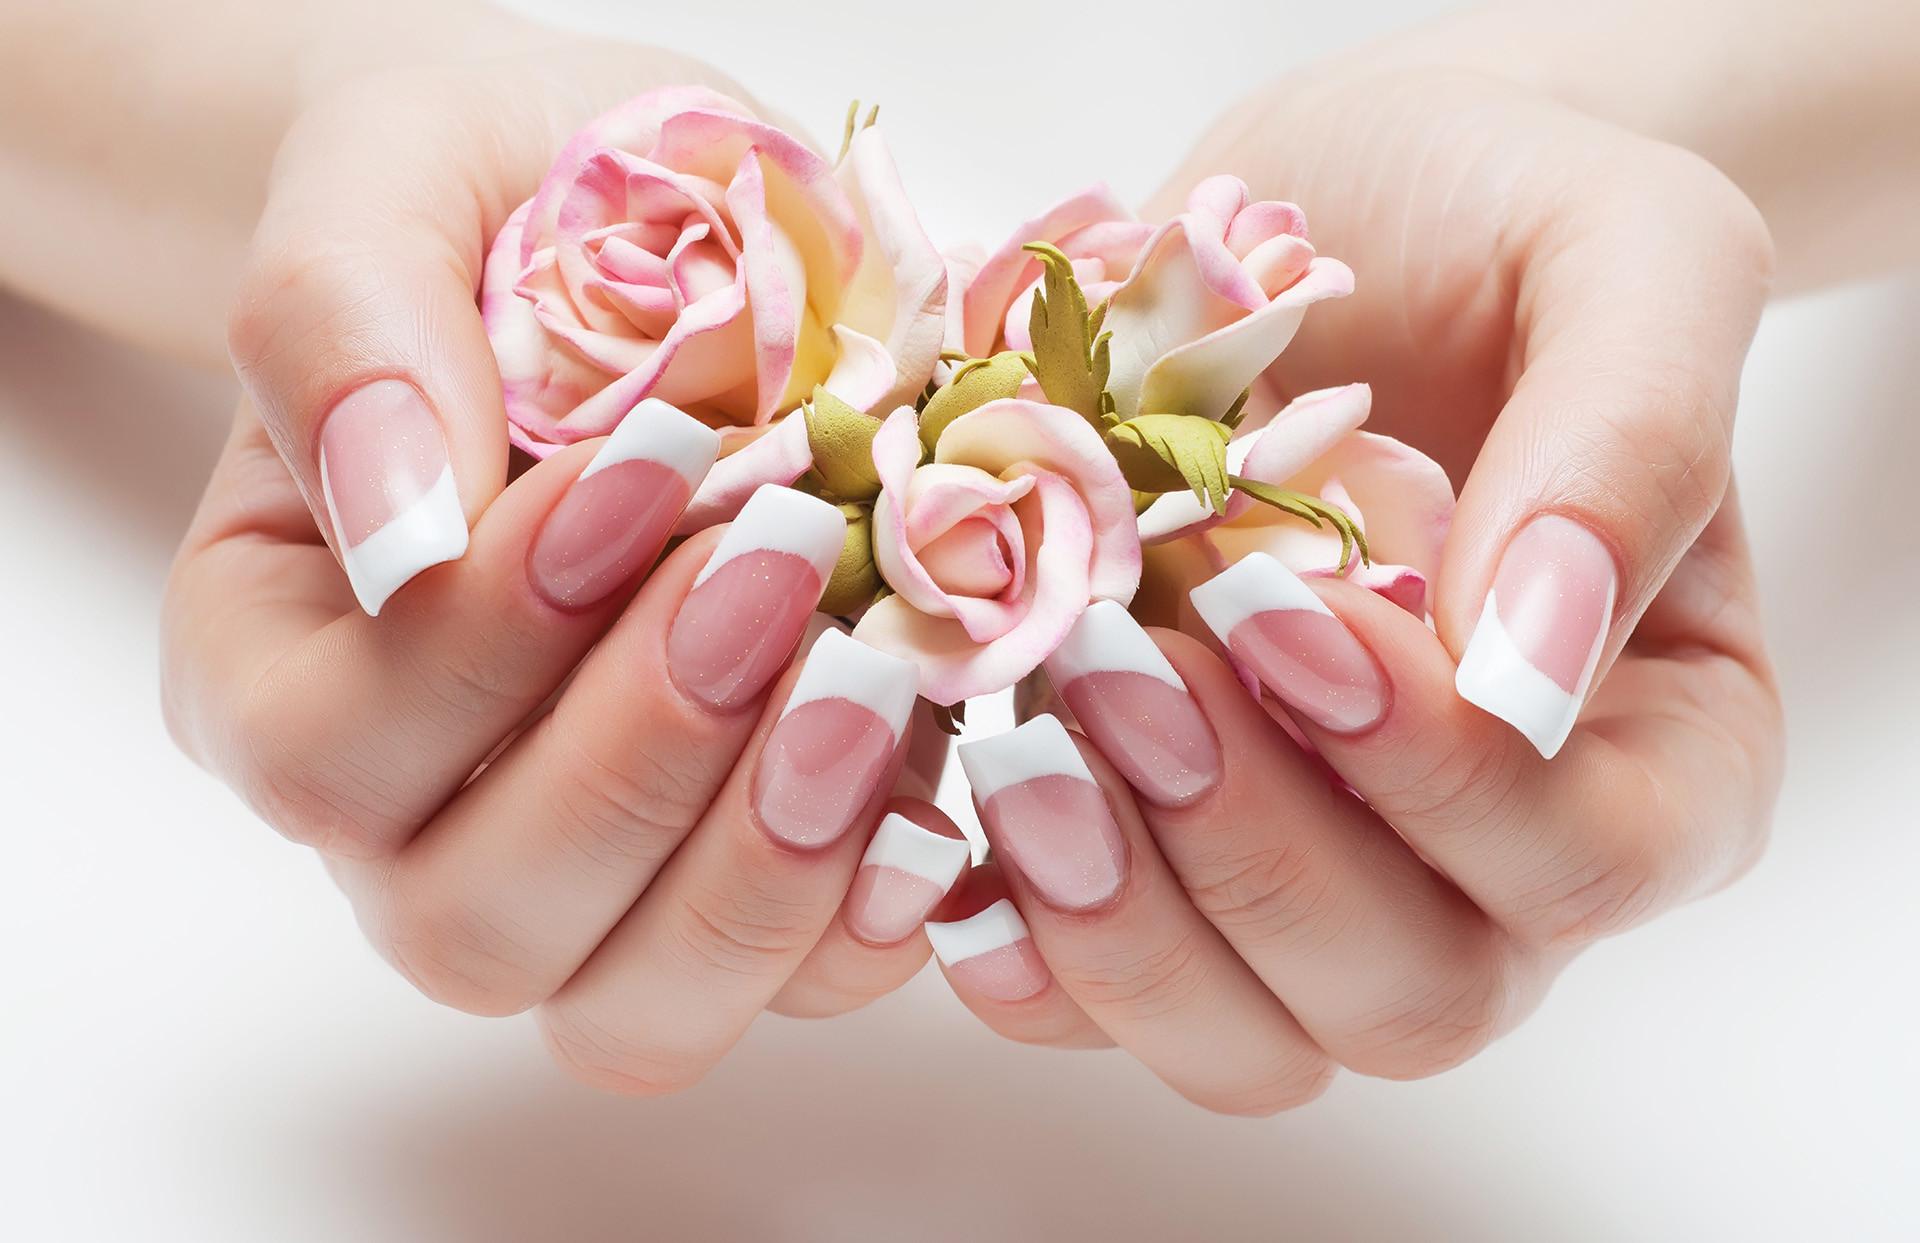 Maniküre Konstanz  Nagelstudio Nagelstudio in Konstanz Profi Beauty Nails